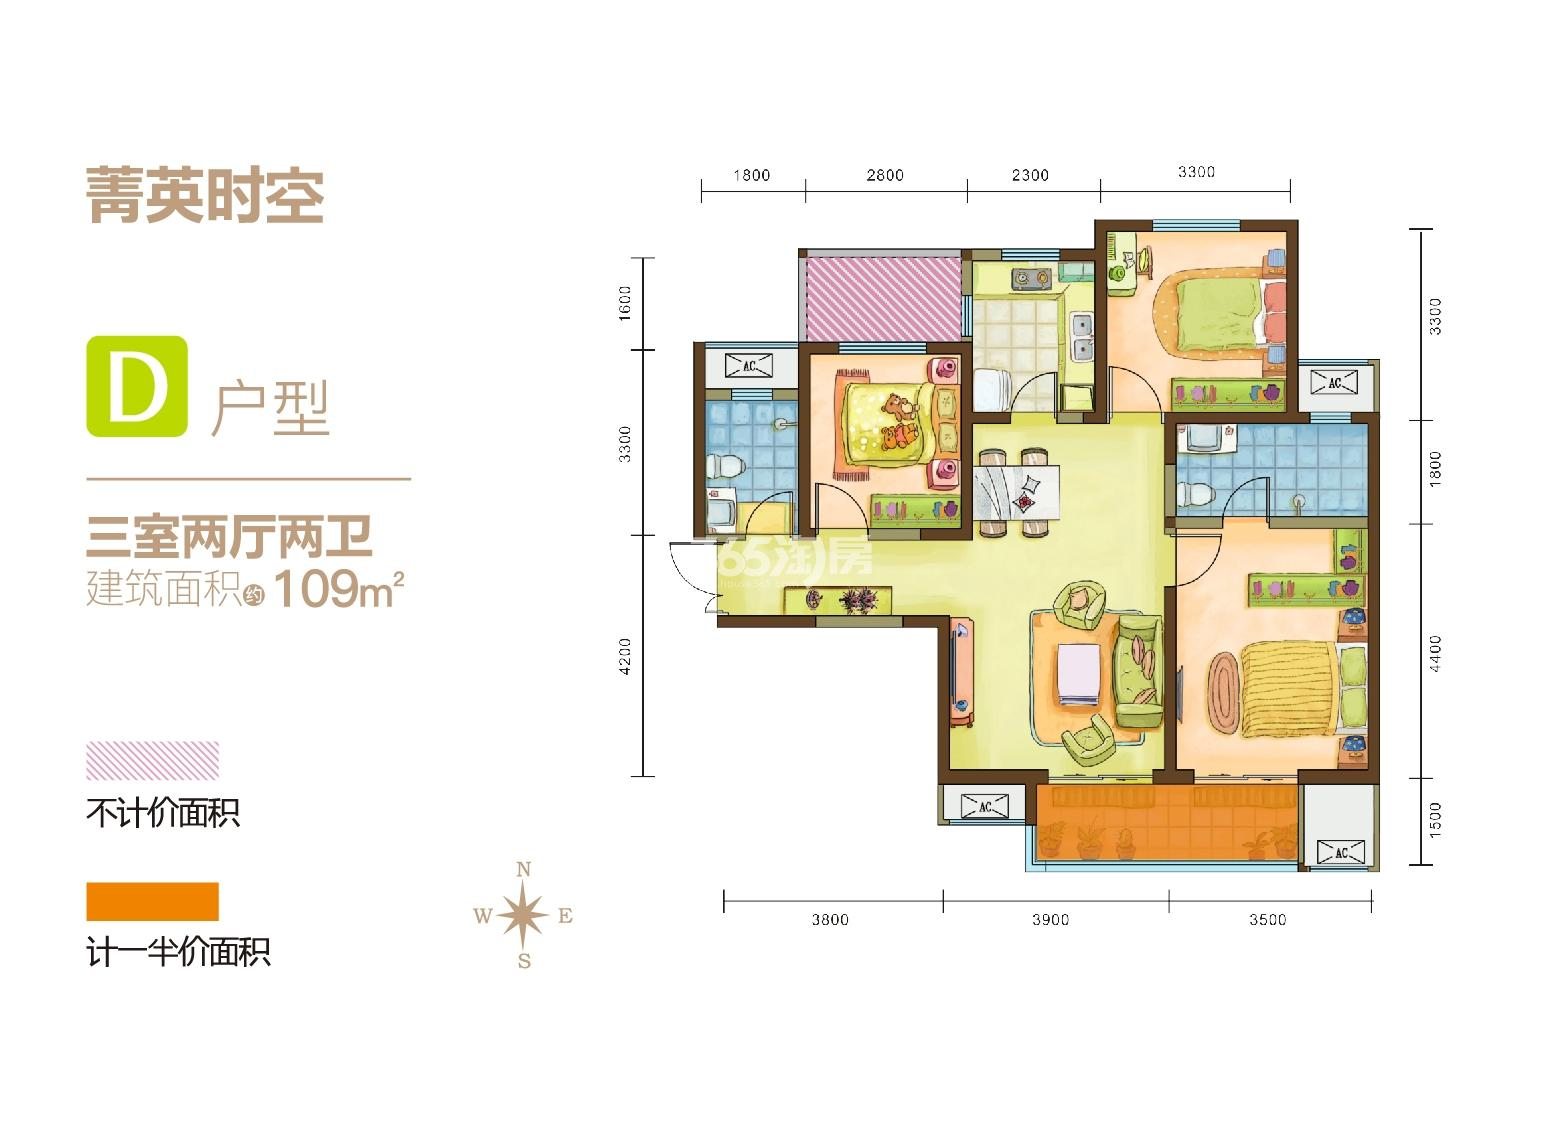 御锦城D户型三室两厅两卫109㎡户型图